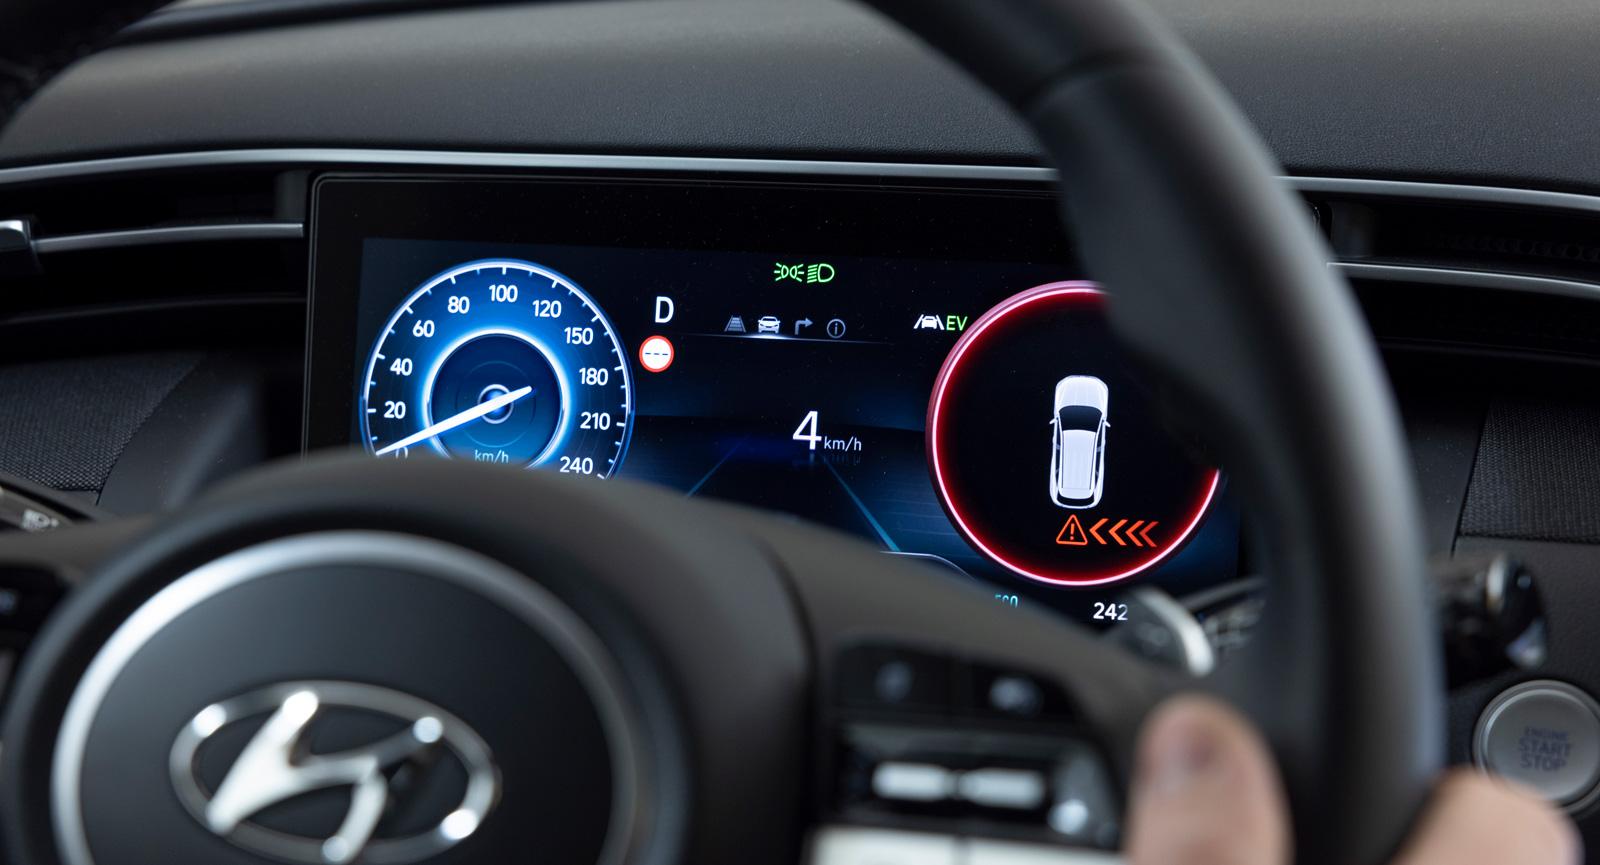 4. Pass på! Vid backning saknar Hyundai autobroms för korsande trafik men föraren varnas med ljud, bild och vibrationer i ratten.